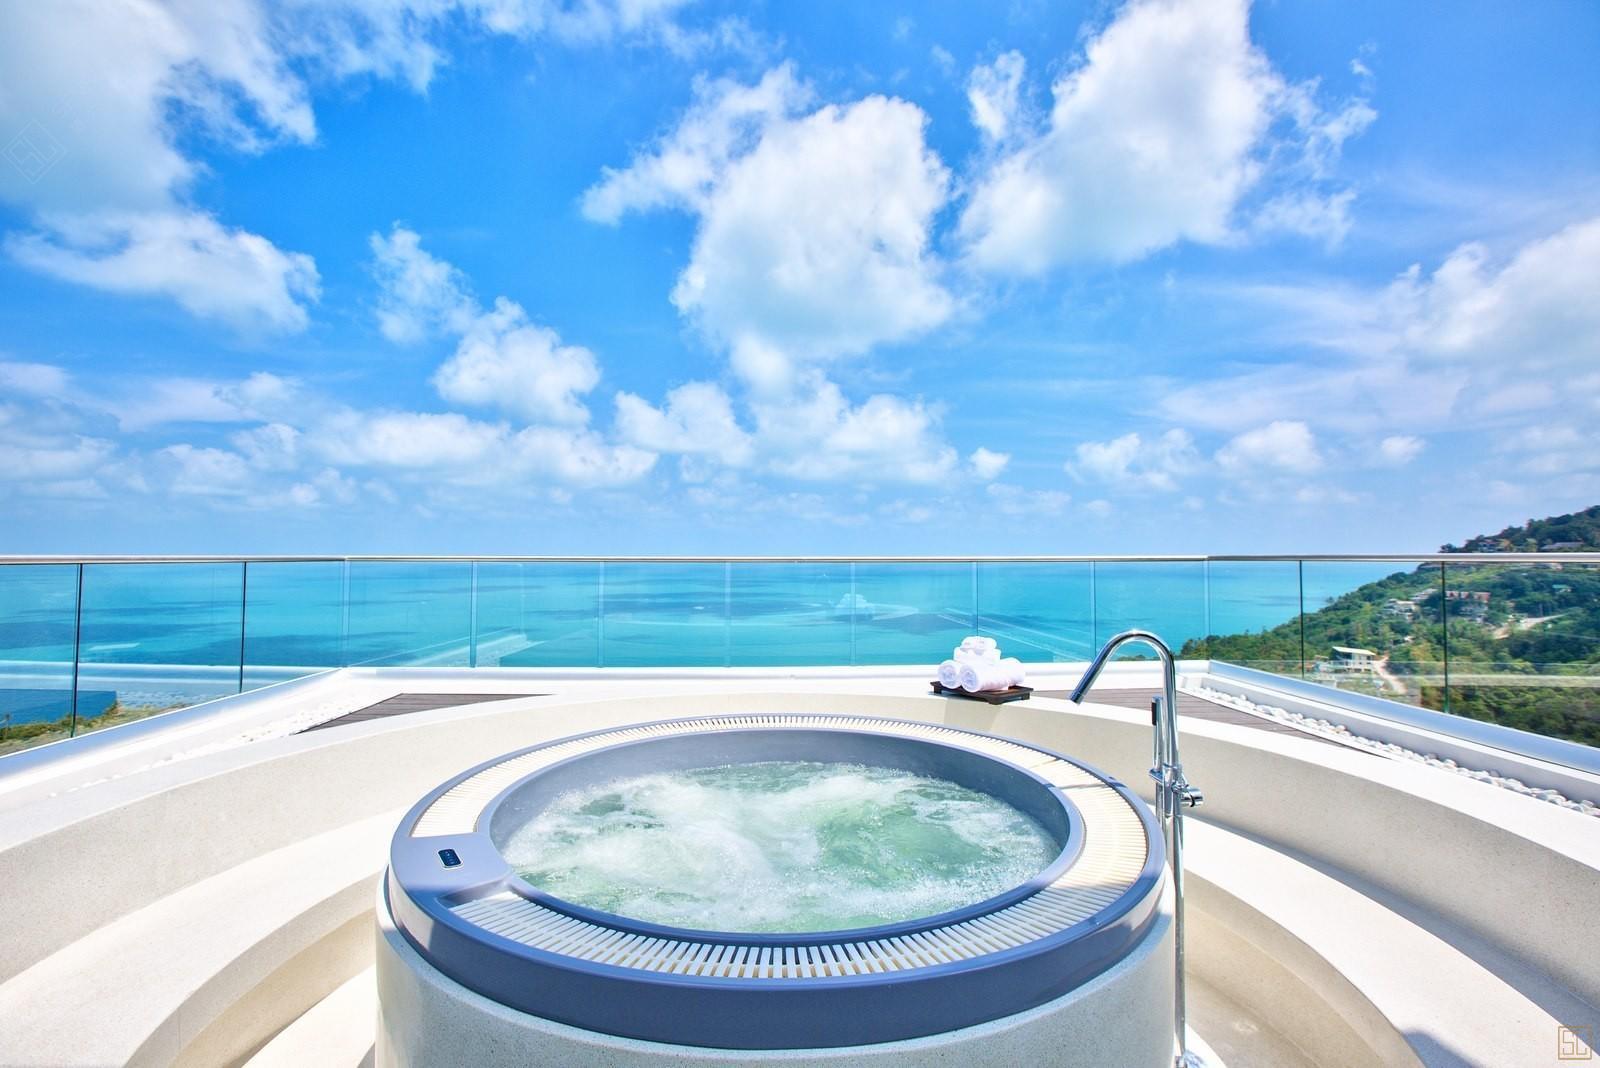 泰国苏梅岛萨瓦蒂别墅浴缸